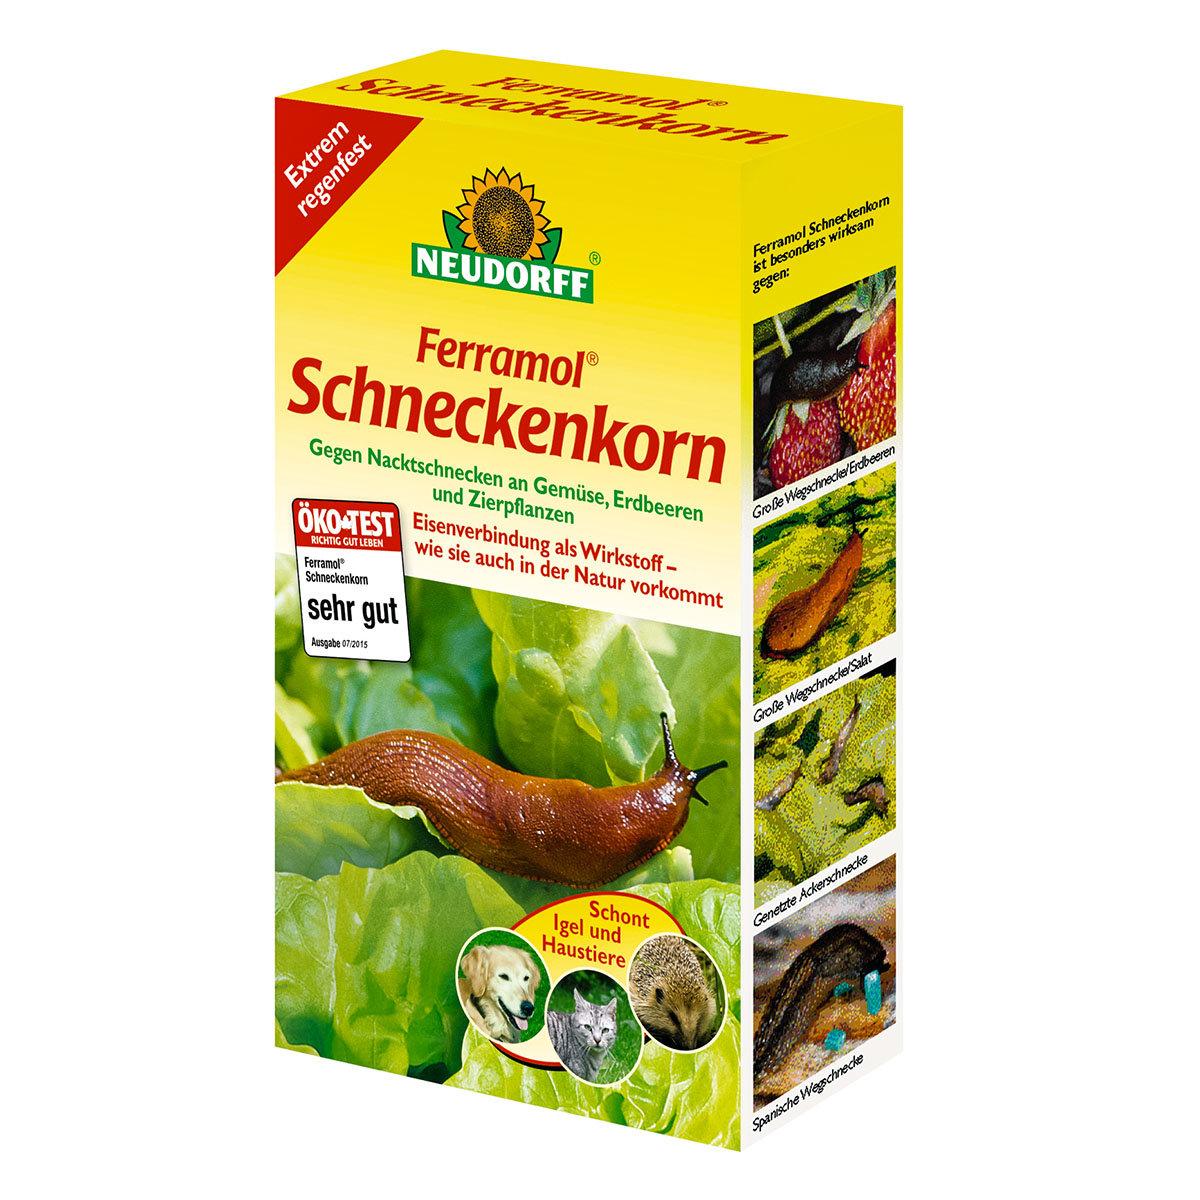 Neudorff Ferramol Schneckenkorn, 1 kg